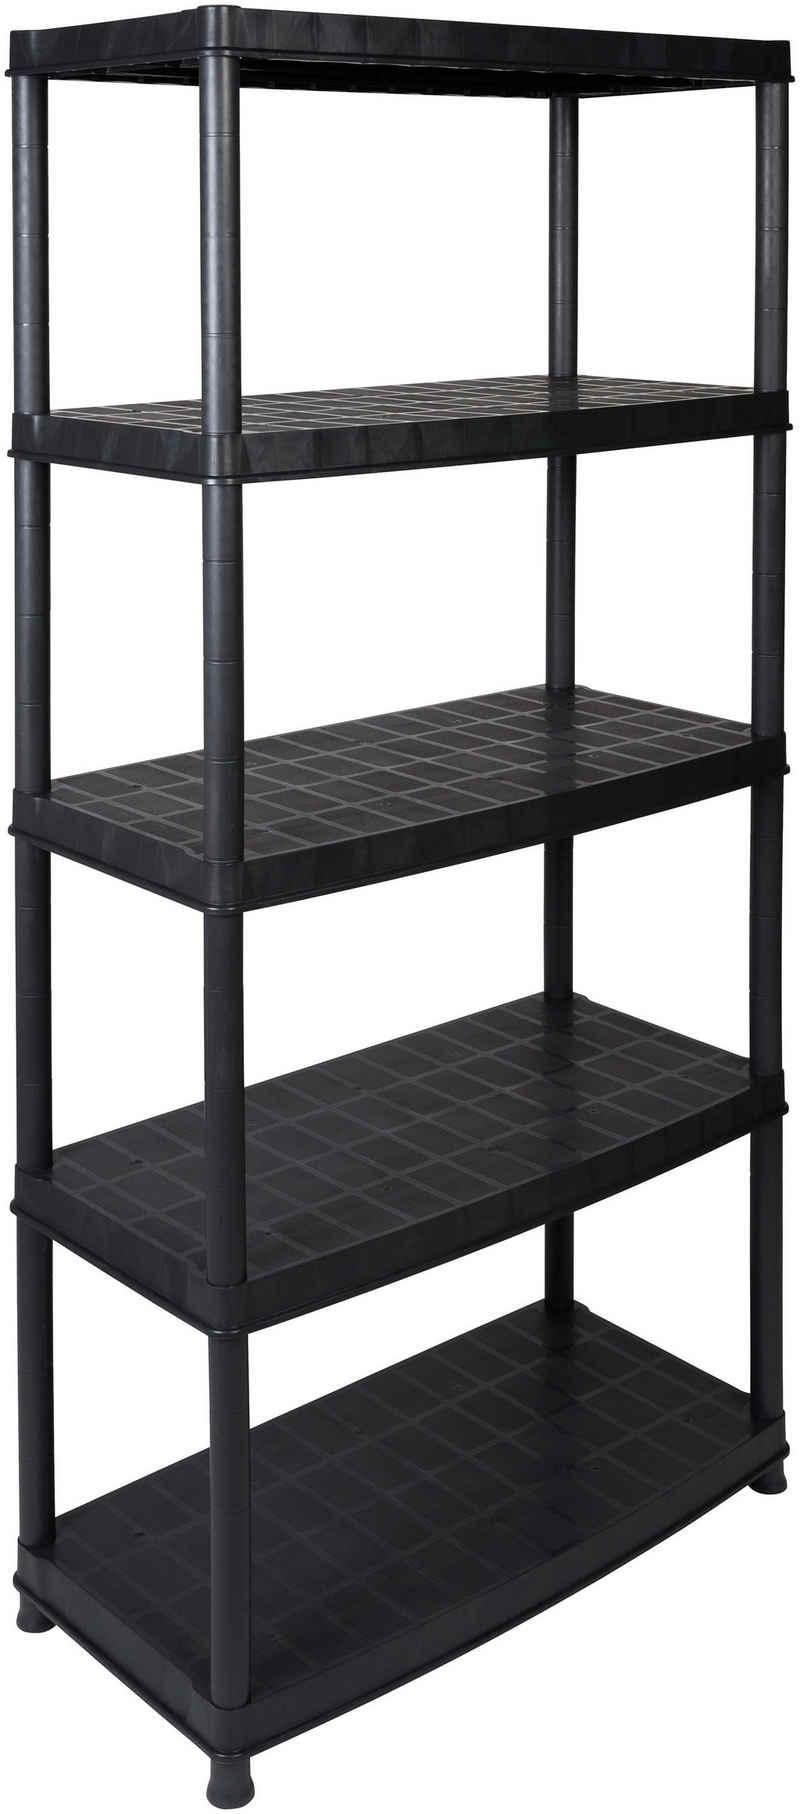 Kreher Steckregal »Haushaltsregal, in schwarz«, B/T/H: 92,5x45,8x185 cm, mit 5 geschlossenen Böden